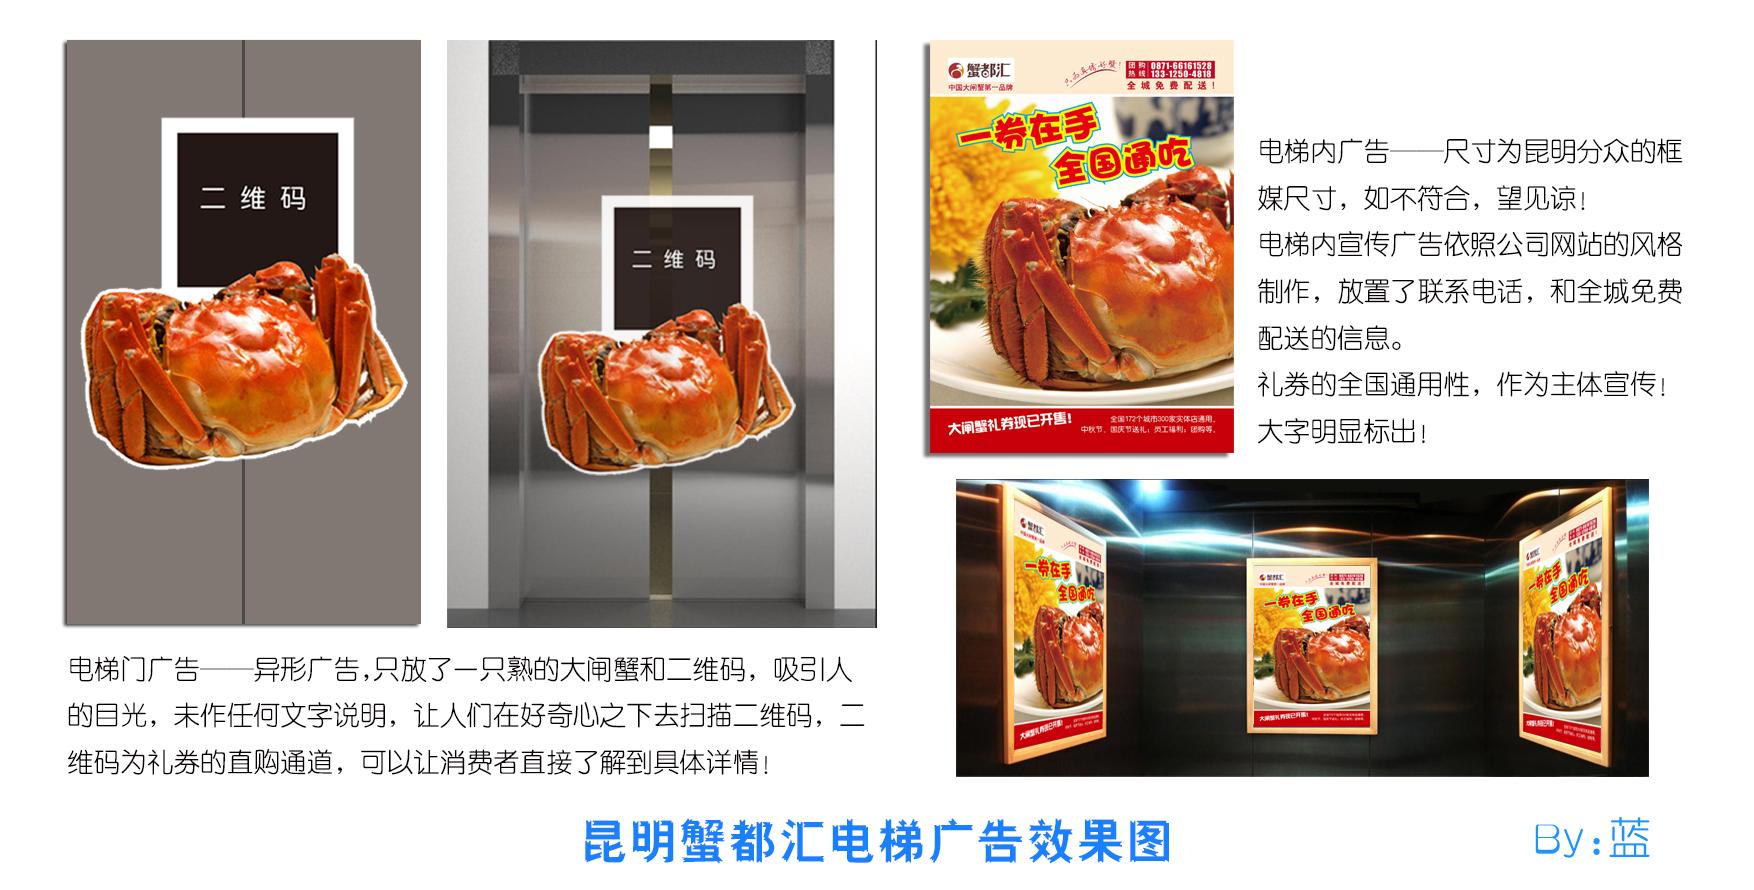 """""""蟹都汇""""大闸蟹平面广告设计(电梯"""